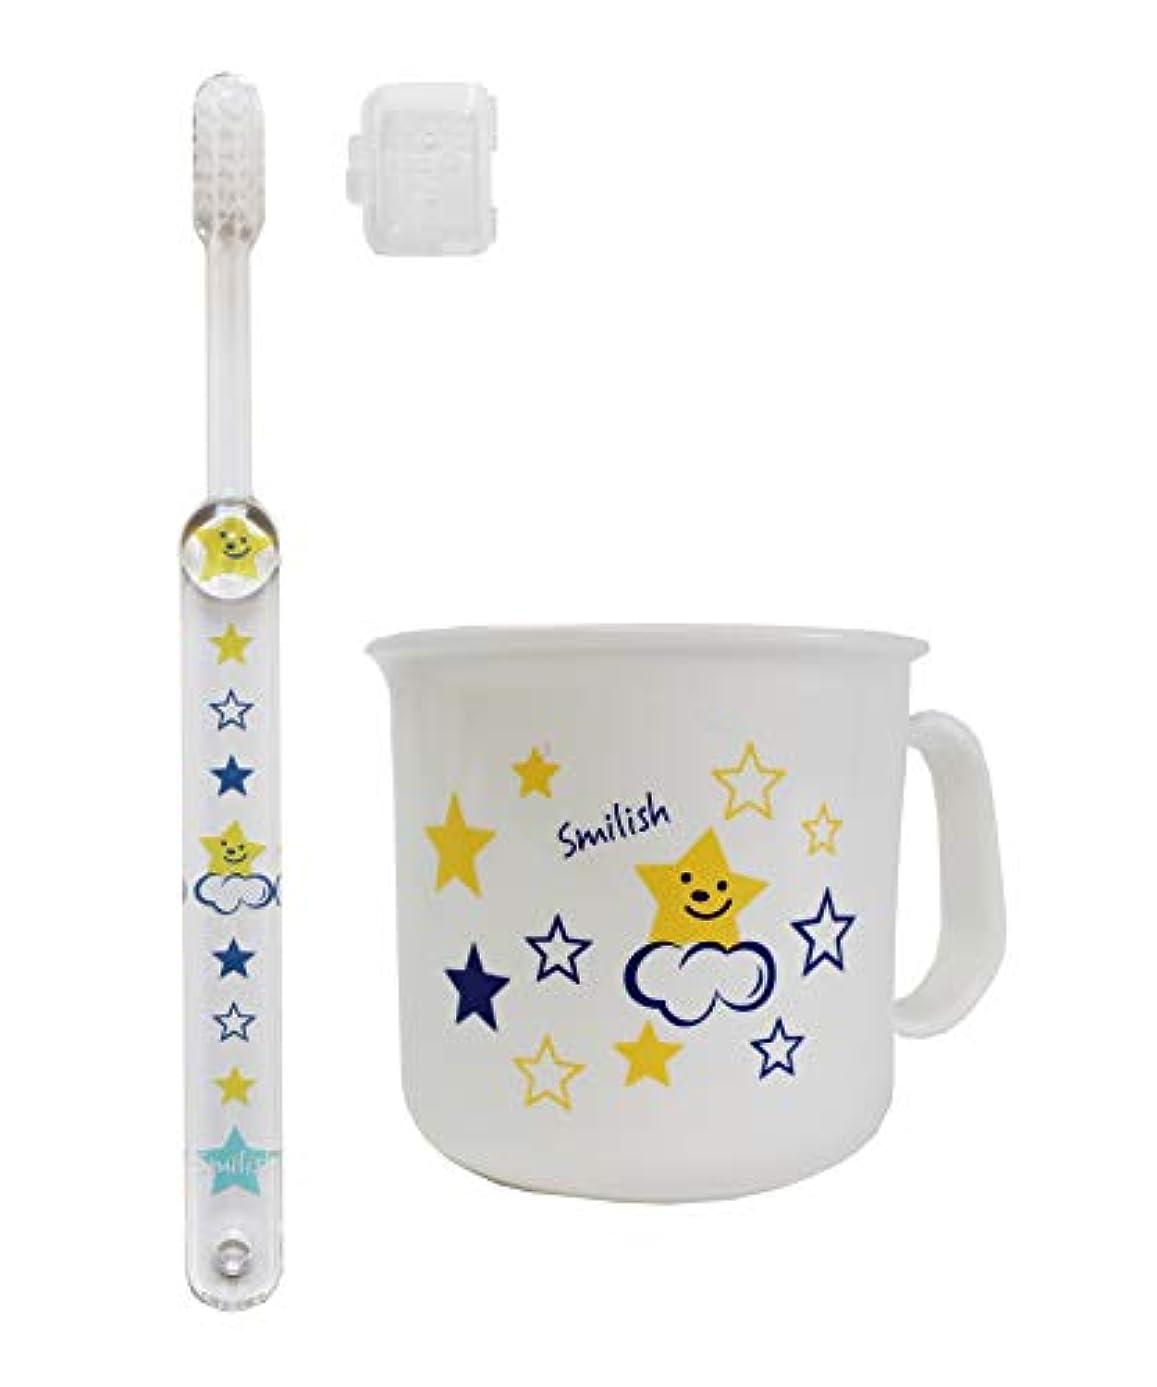 意図する制裁広告子ども歯ブラシ(キャップ付き) 耐熱コップセット スマイリースター柄